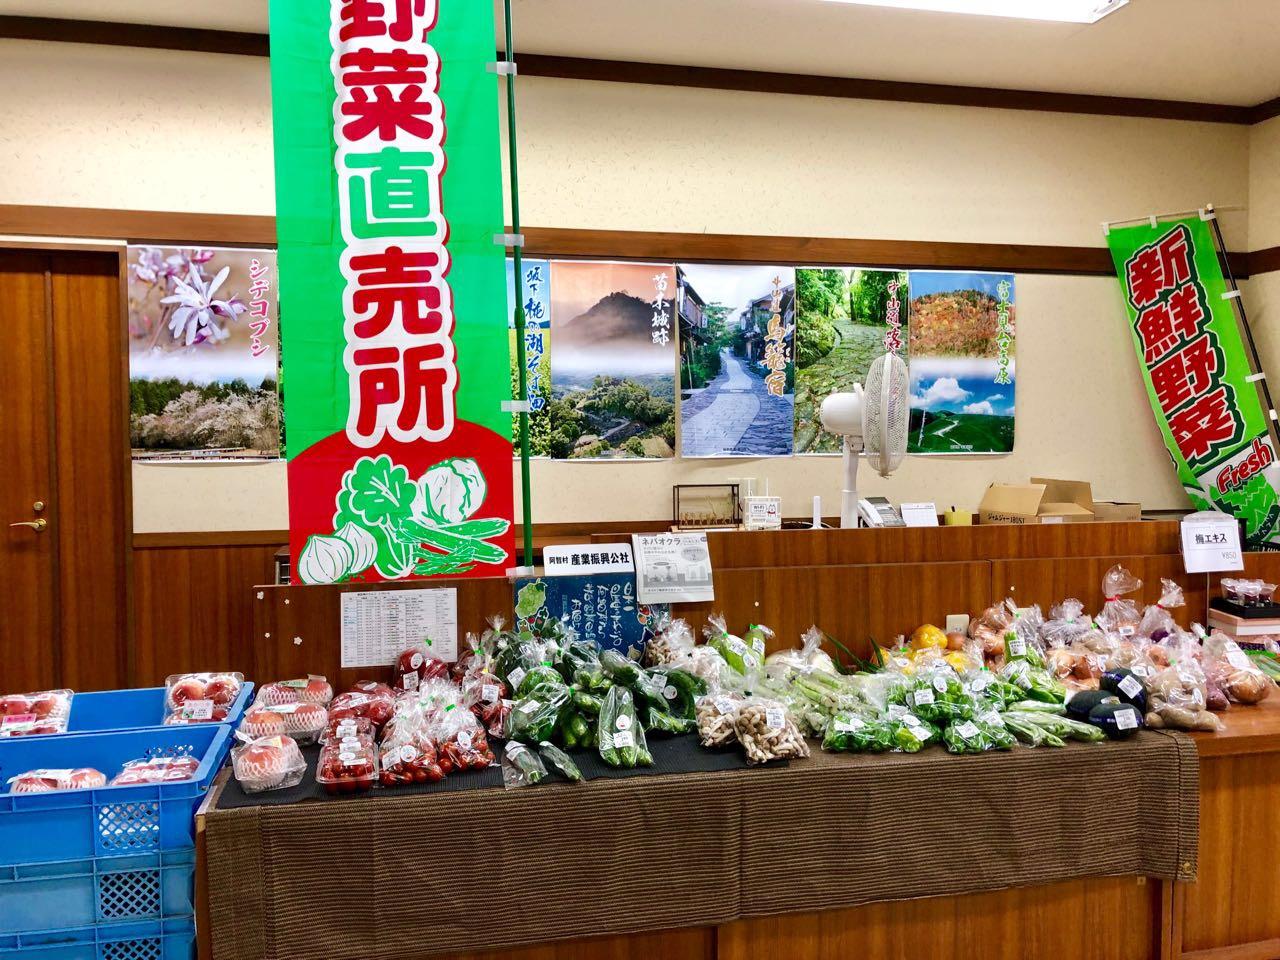 にぎわい特産館野菜直売所